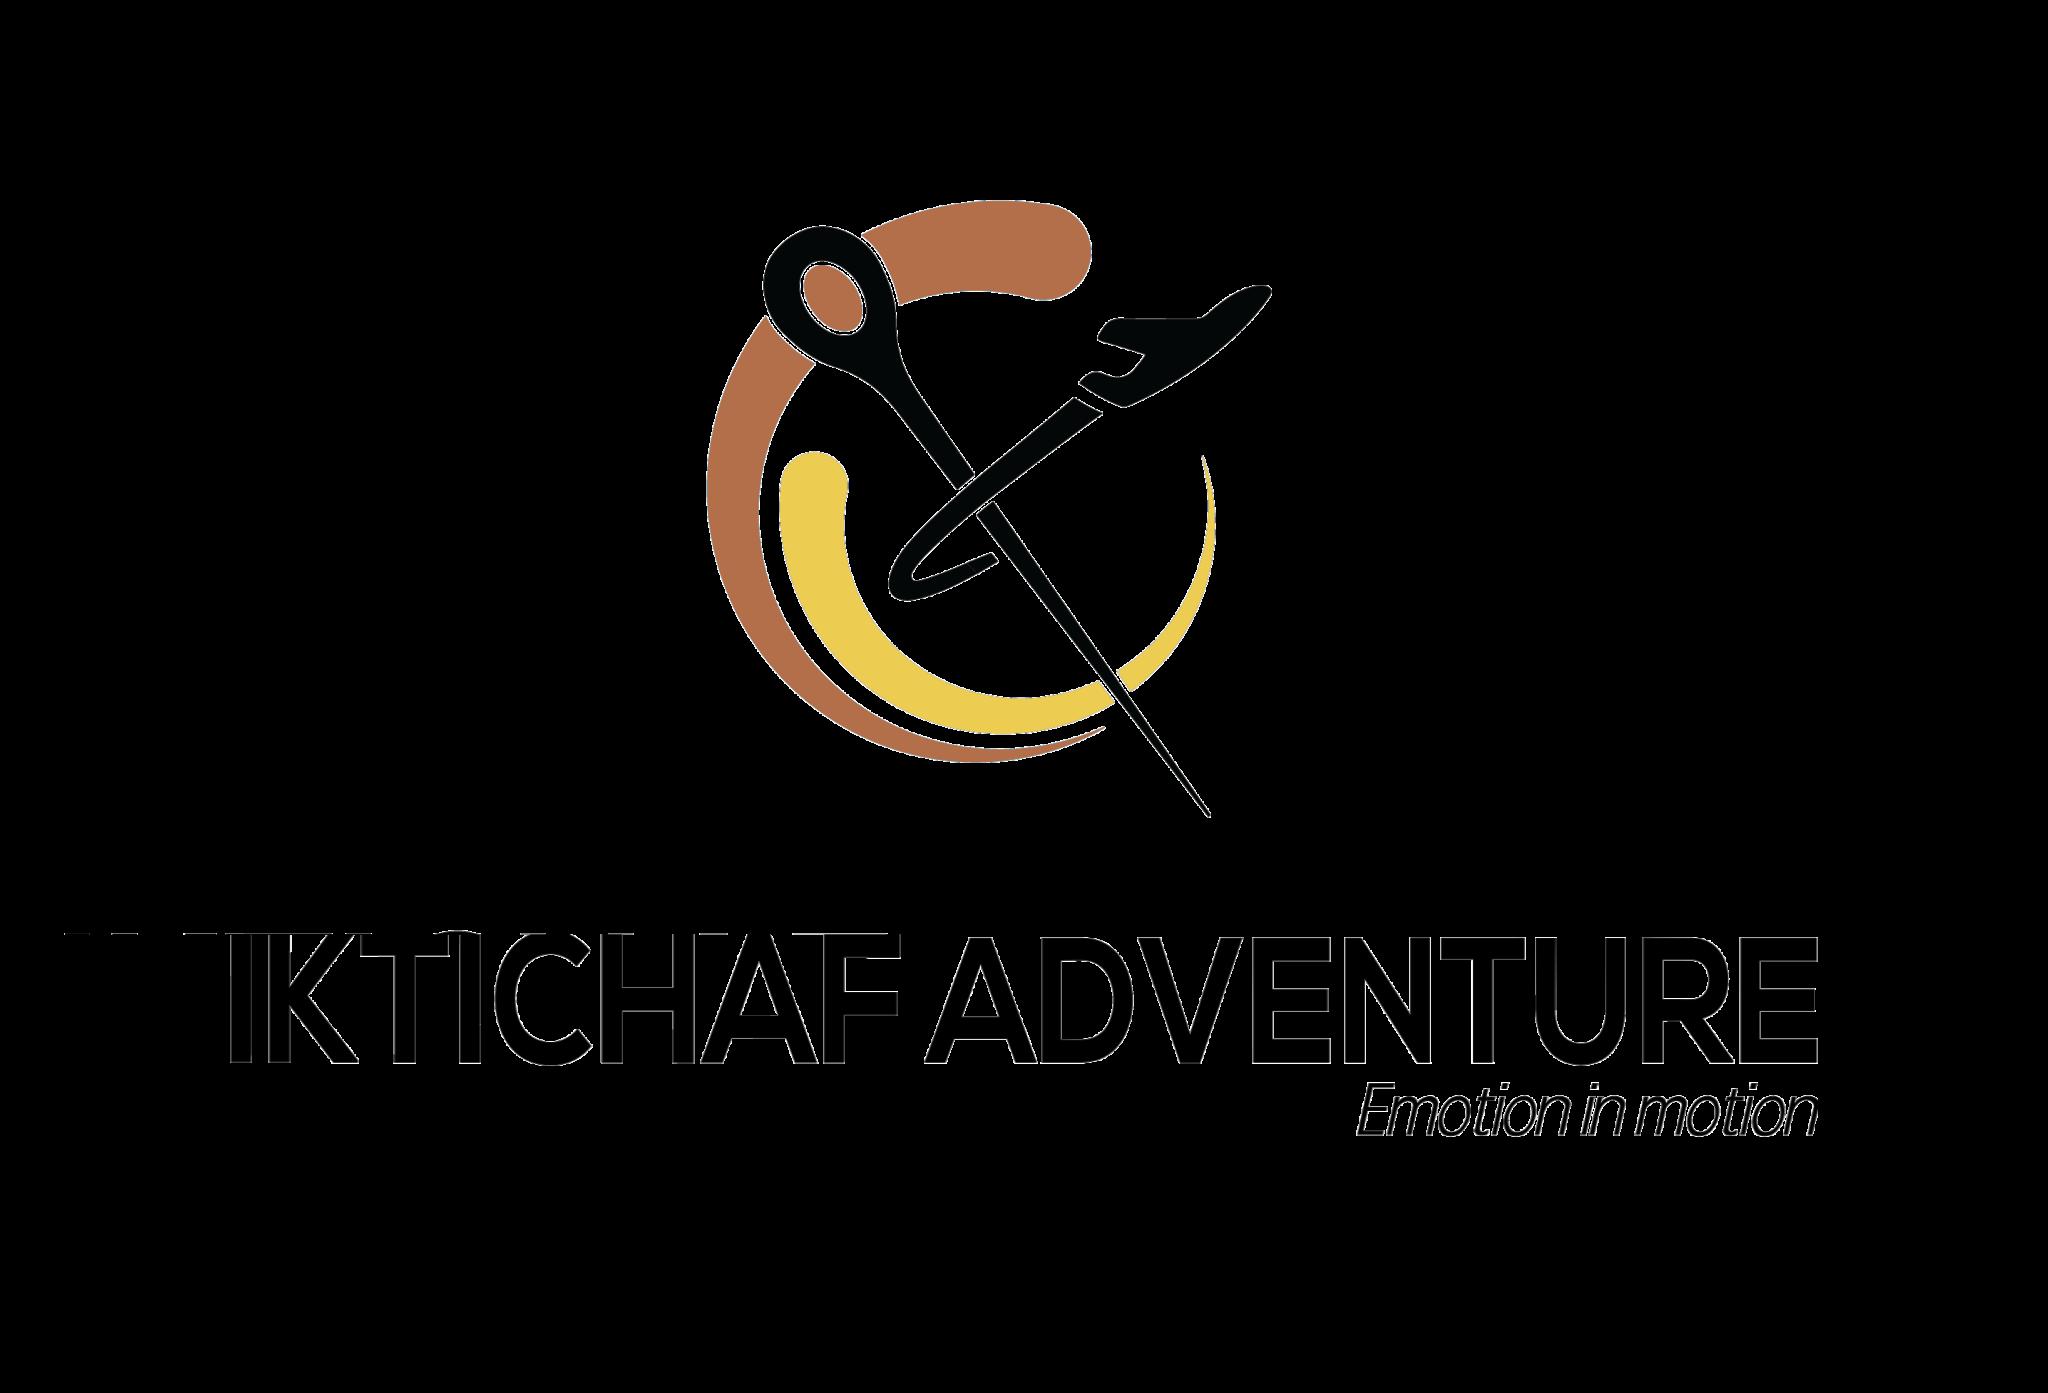 Iktichaf Travel Iktichaf Adventure